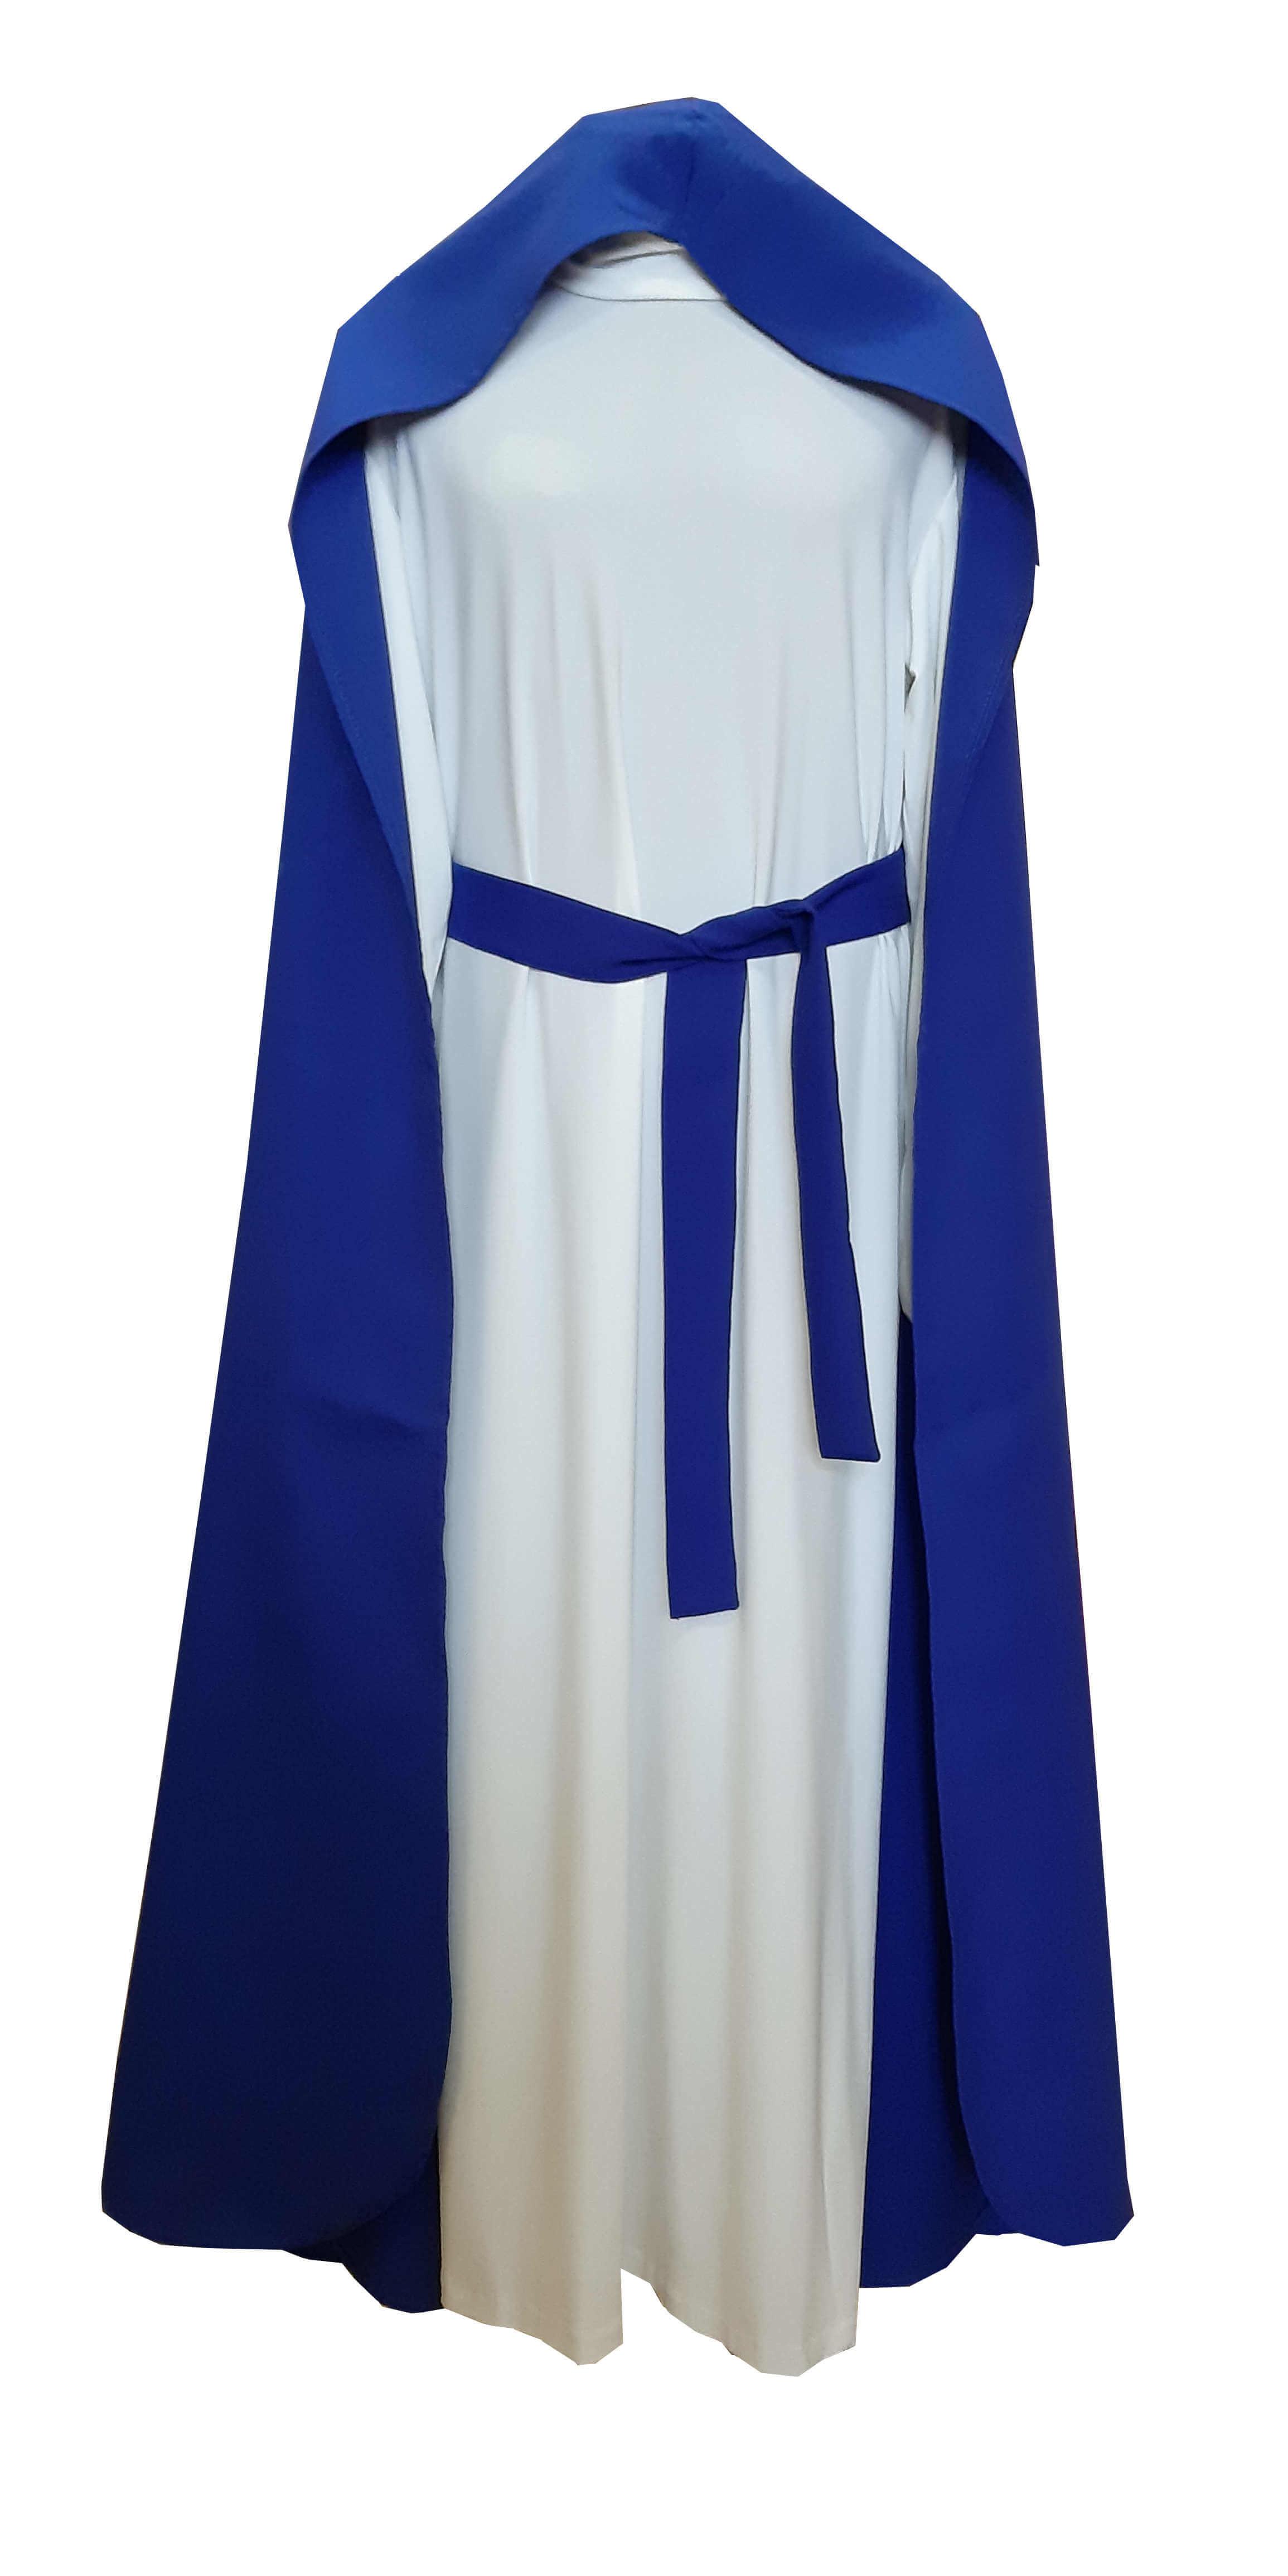 Švenčiausios Mergelės Marijos kostiumas. Karnavalinių kostiumų nuoma vaikams Vilniuje - pasakunamai.lt